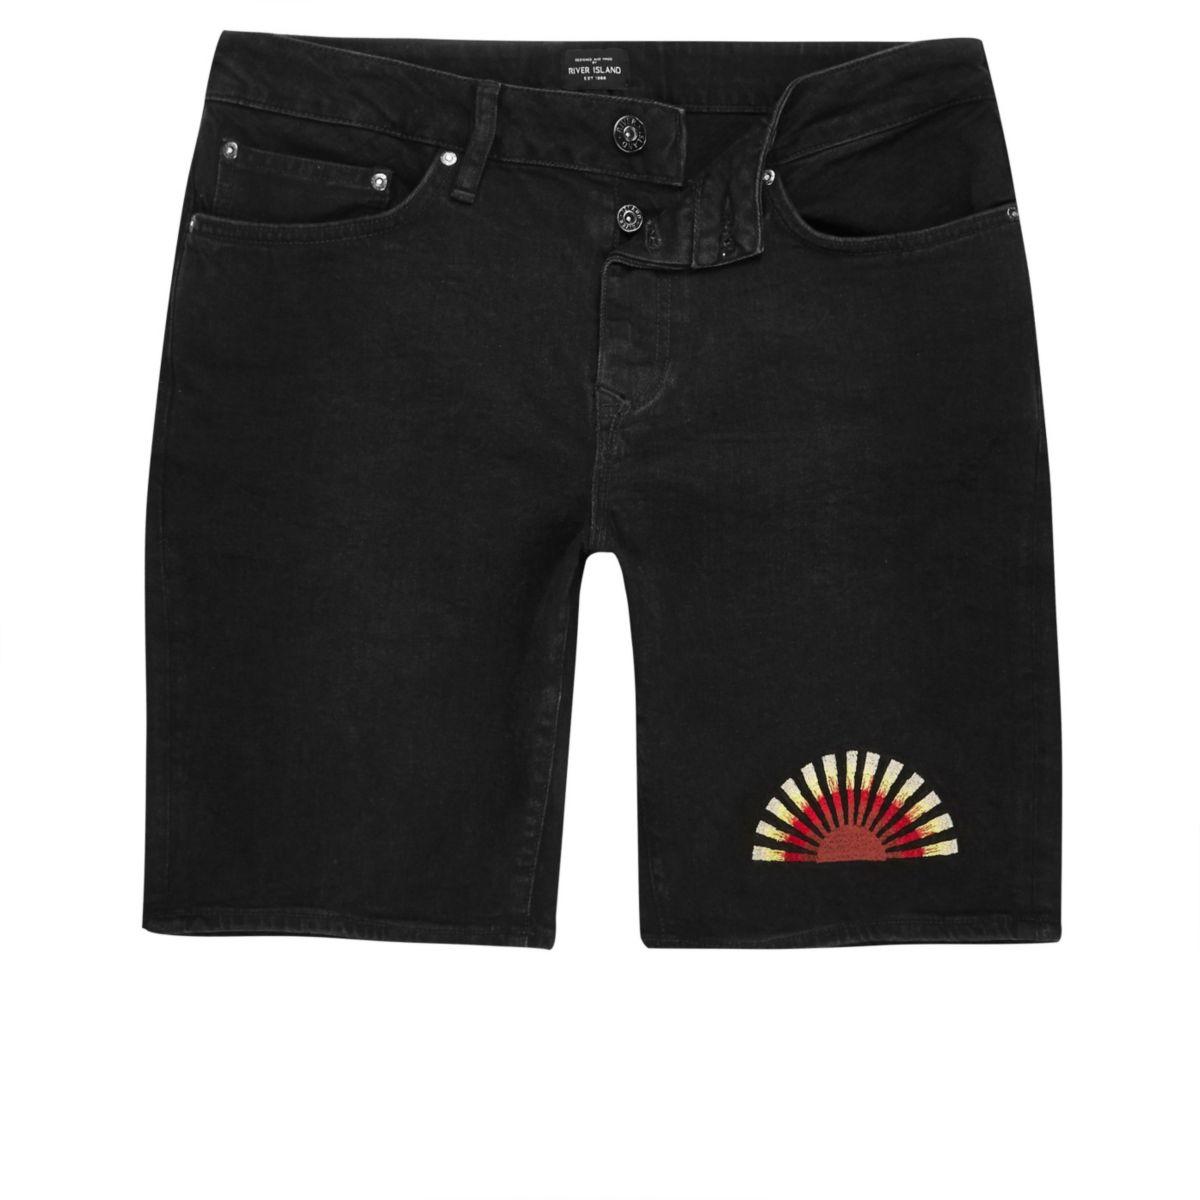 Schwarze, schmale Shorts mit Sonnenstickerei